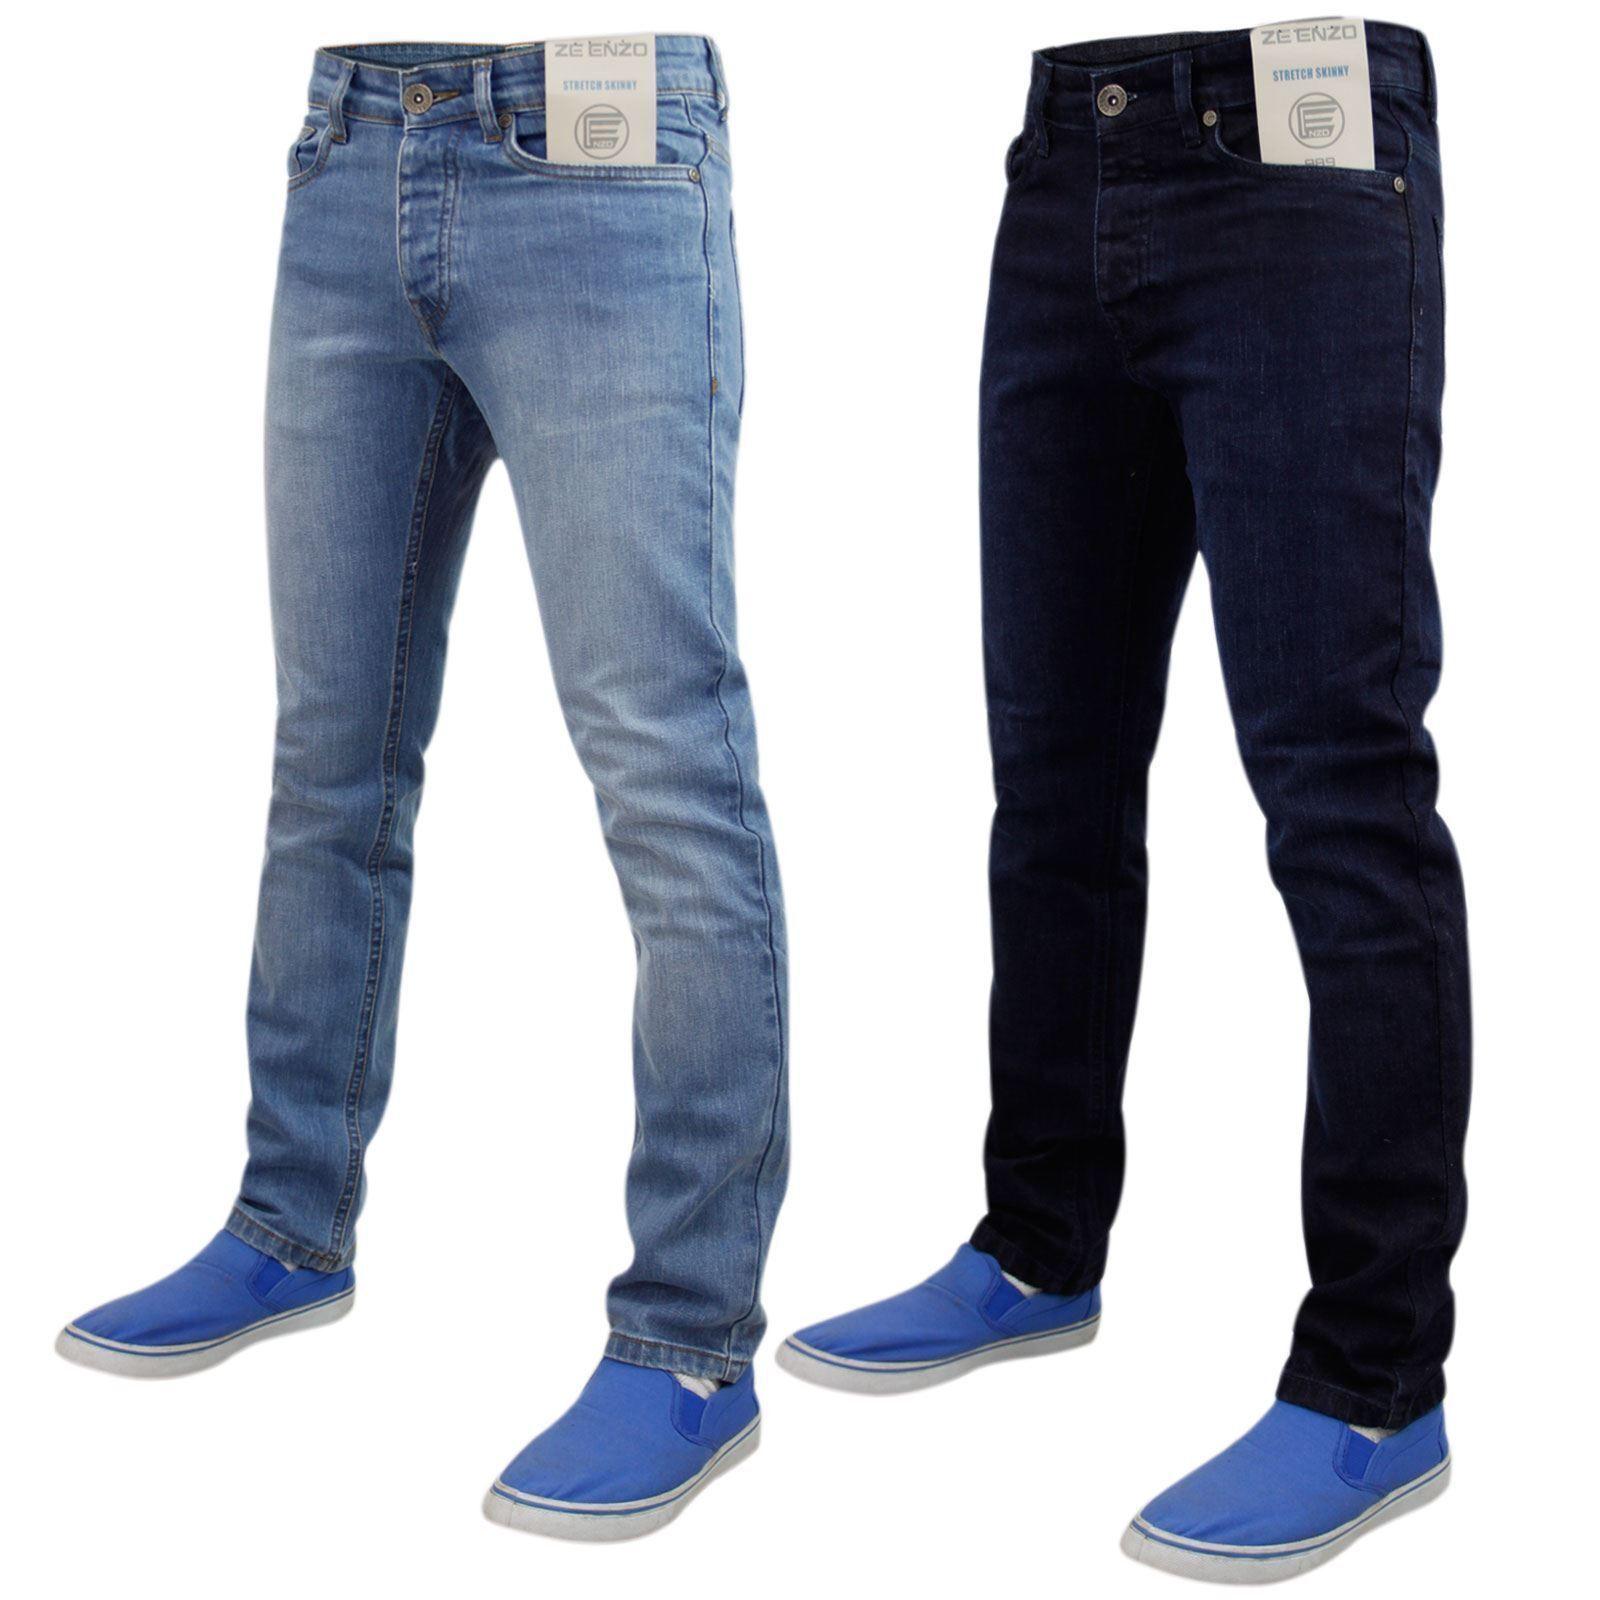 plus récent comment acheter sensation de confort Détails sur Nouveau Homme Enzo Délavé Jambe Stretch Denim Jeans SKINNY SLIM  Pantalon Pantalons- afficher le titre d'origine